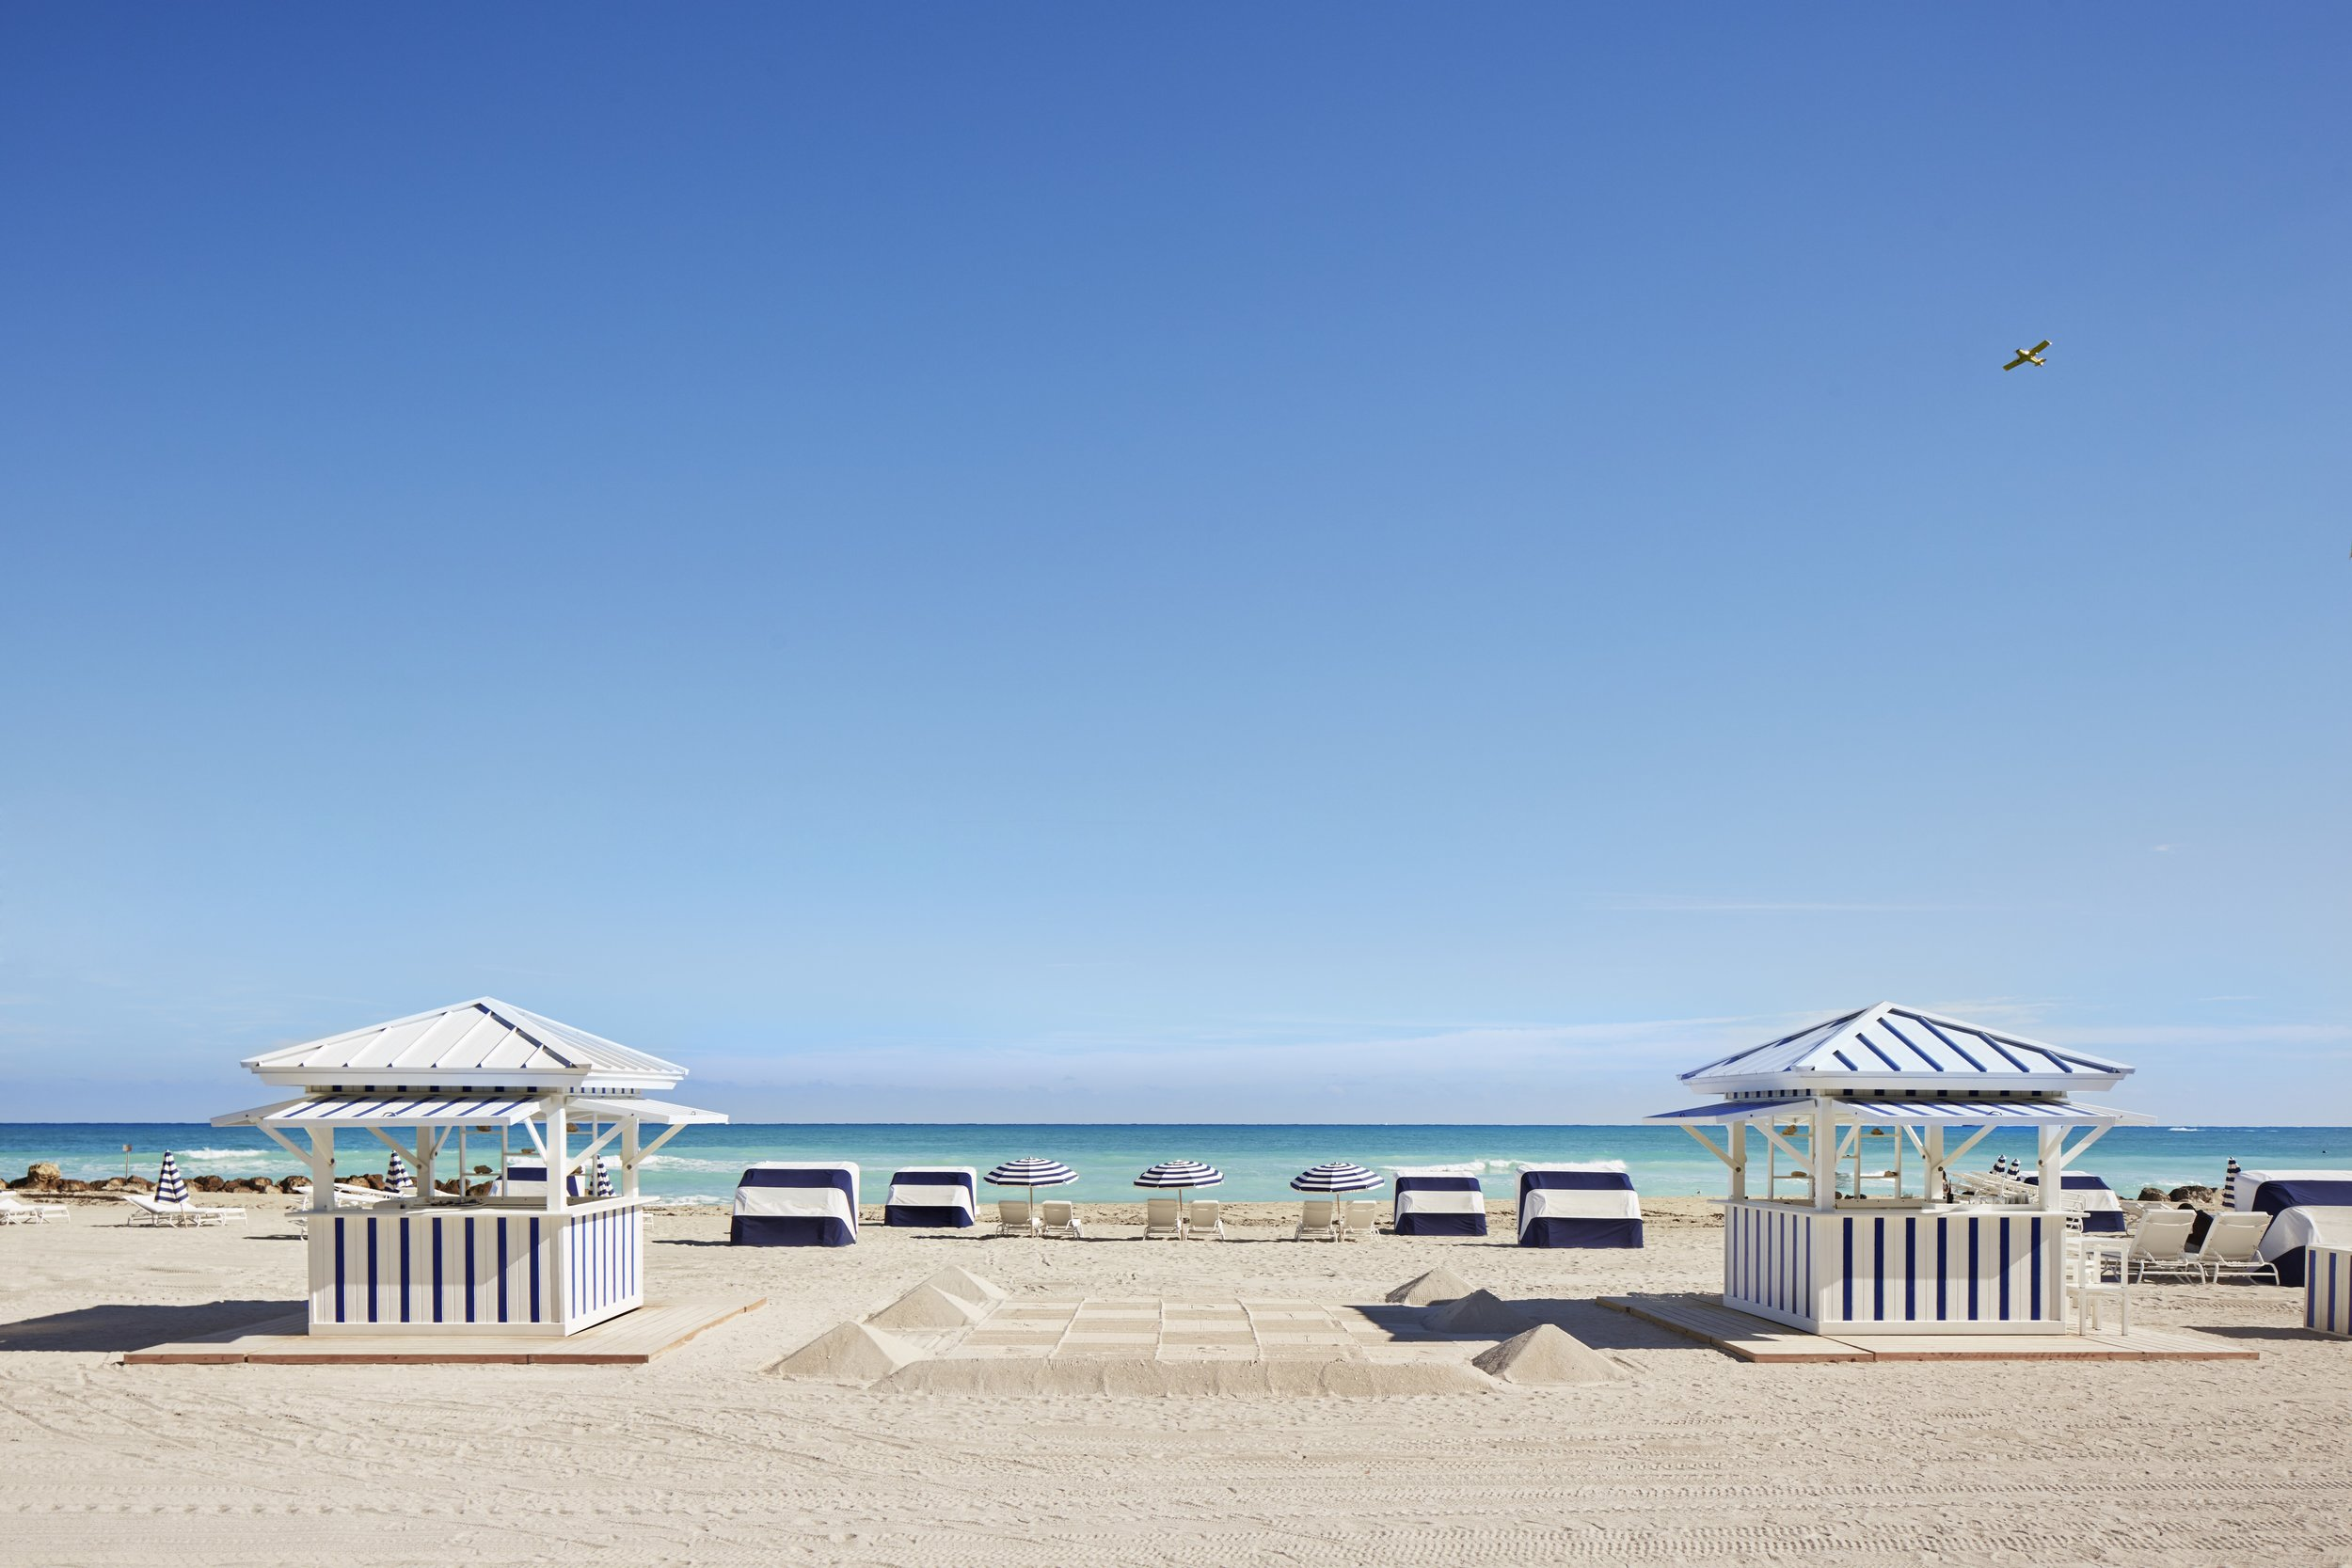 The Miami Beach Edition, Asiatatler.com October 2015 [ USA (Miami) ]